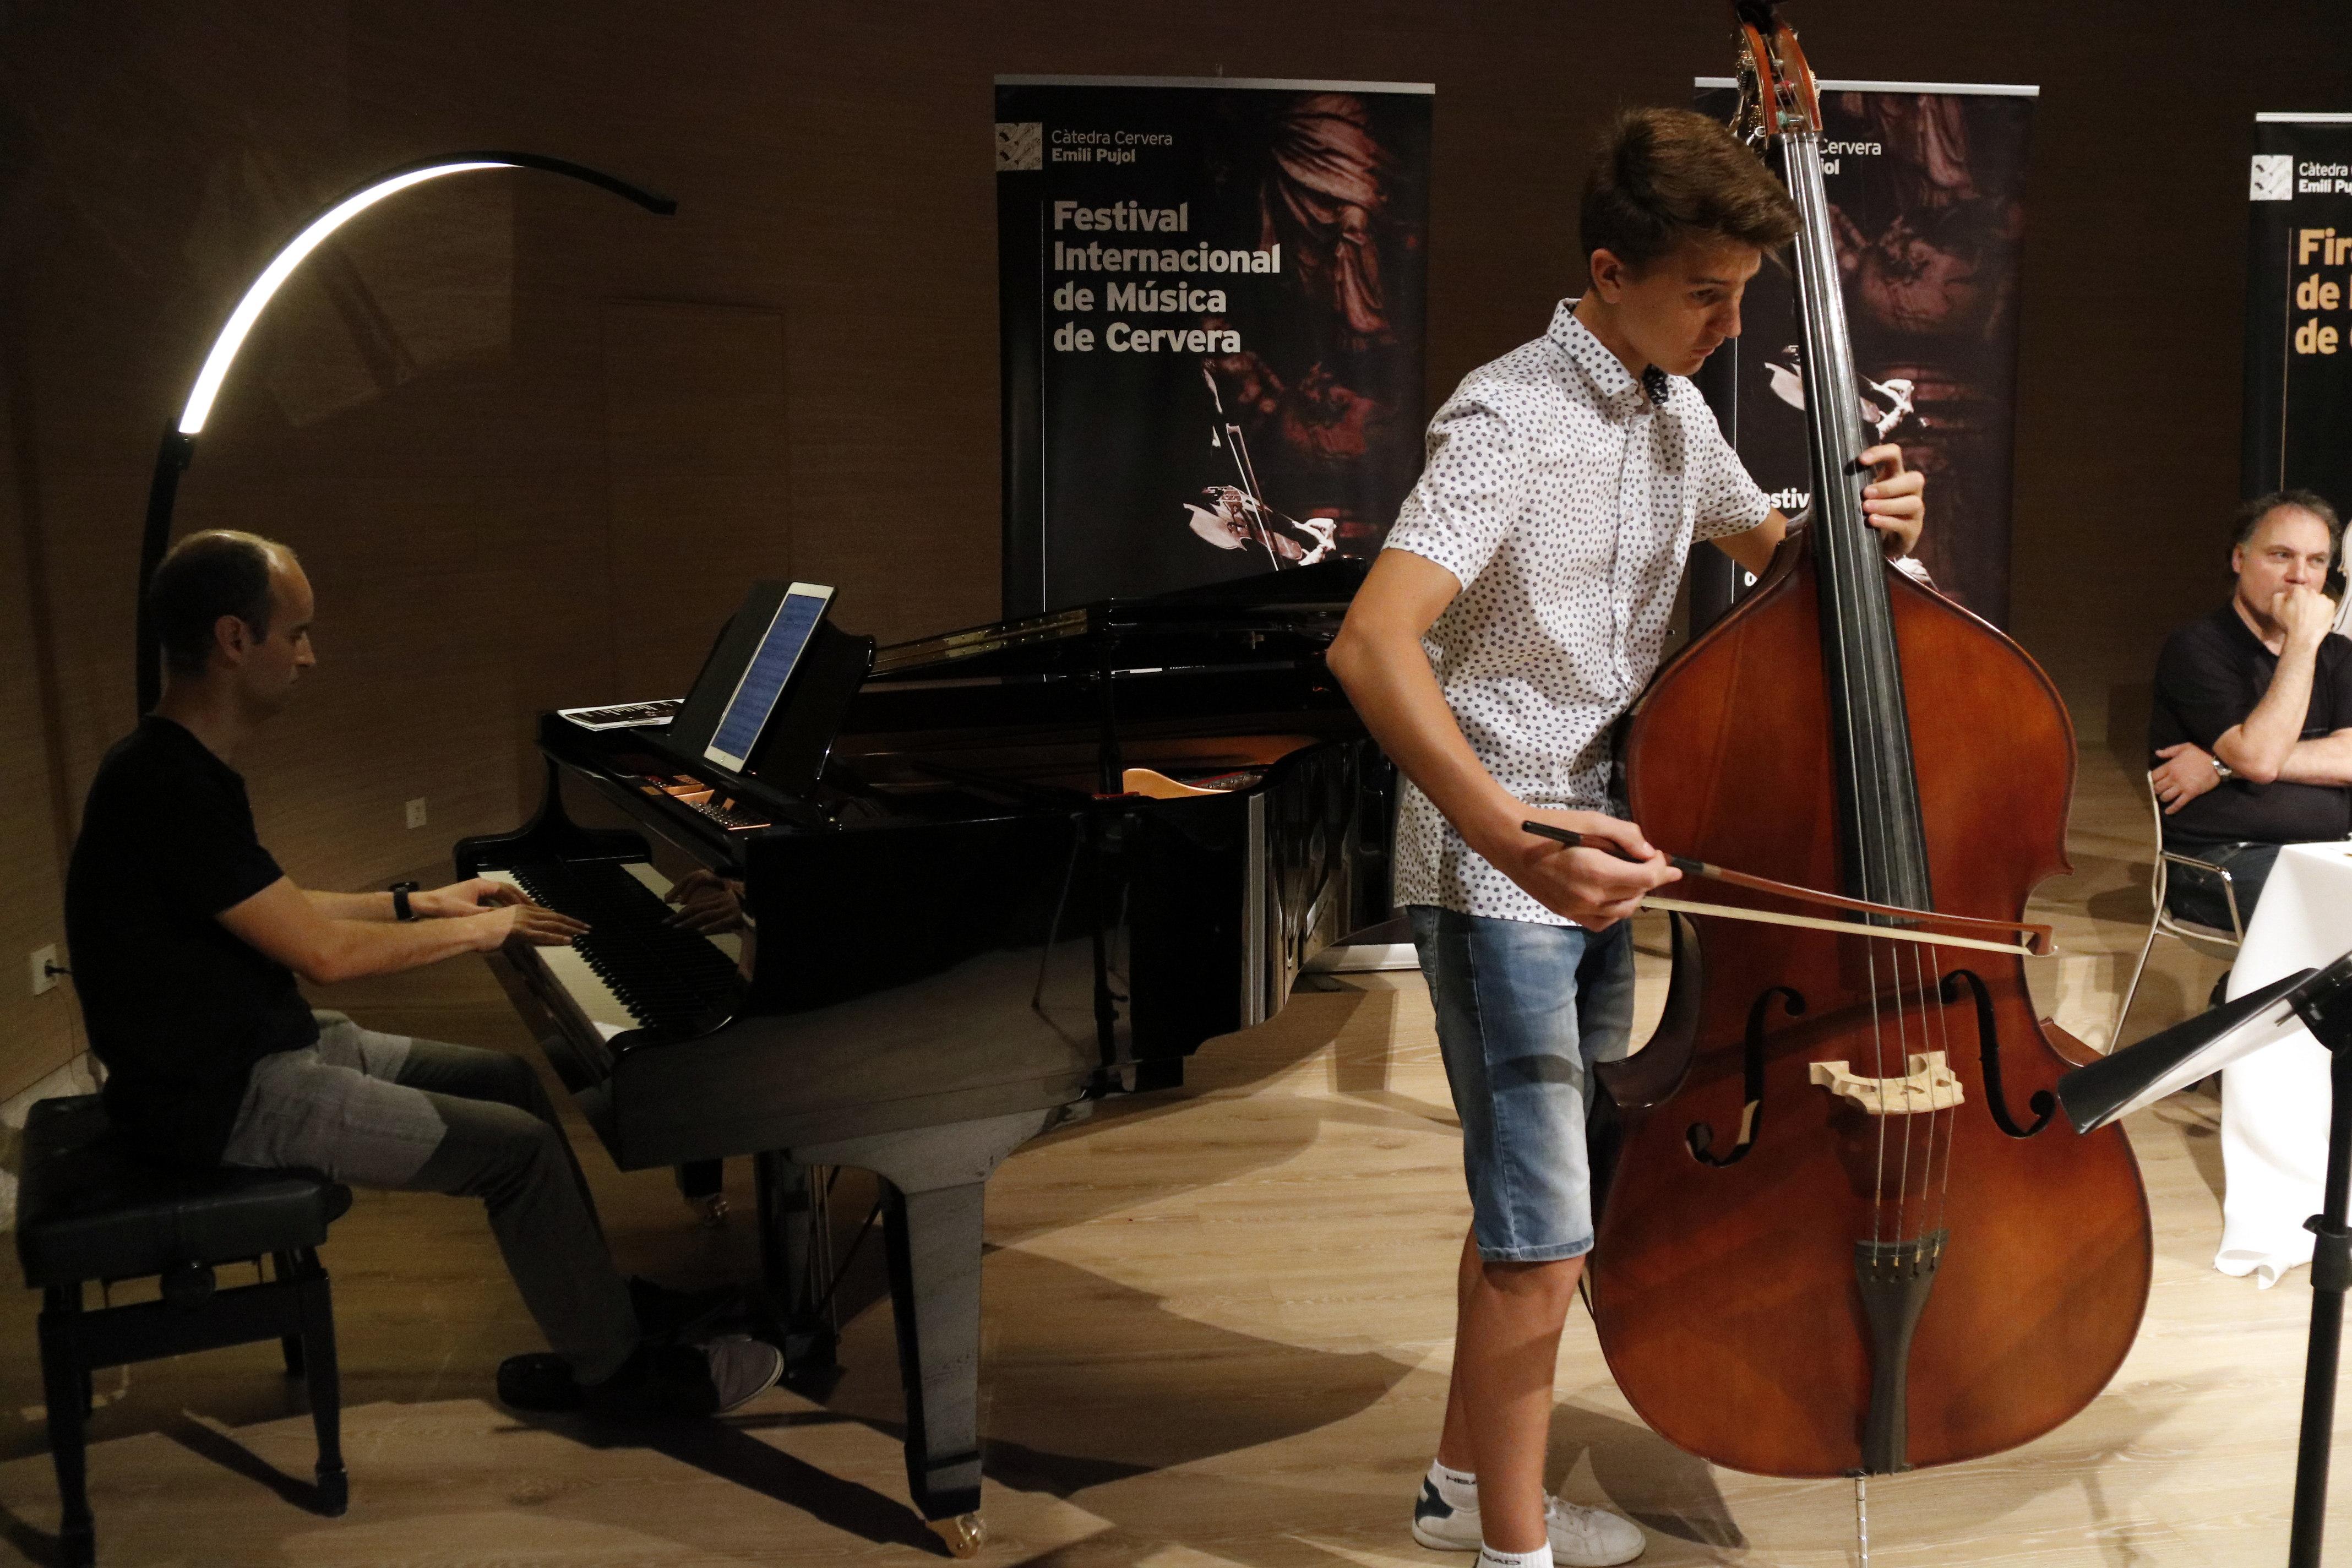 El Festival de la Càtedra Emili Pujol de Cervera programa 7 concerts i inclou el swing per primera vegada